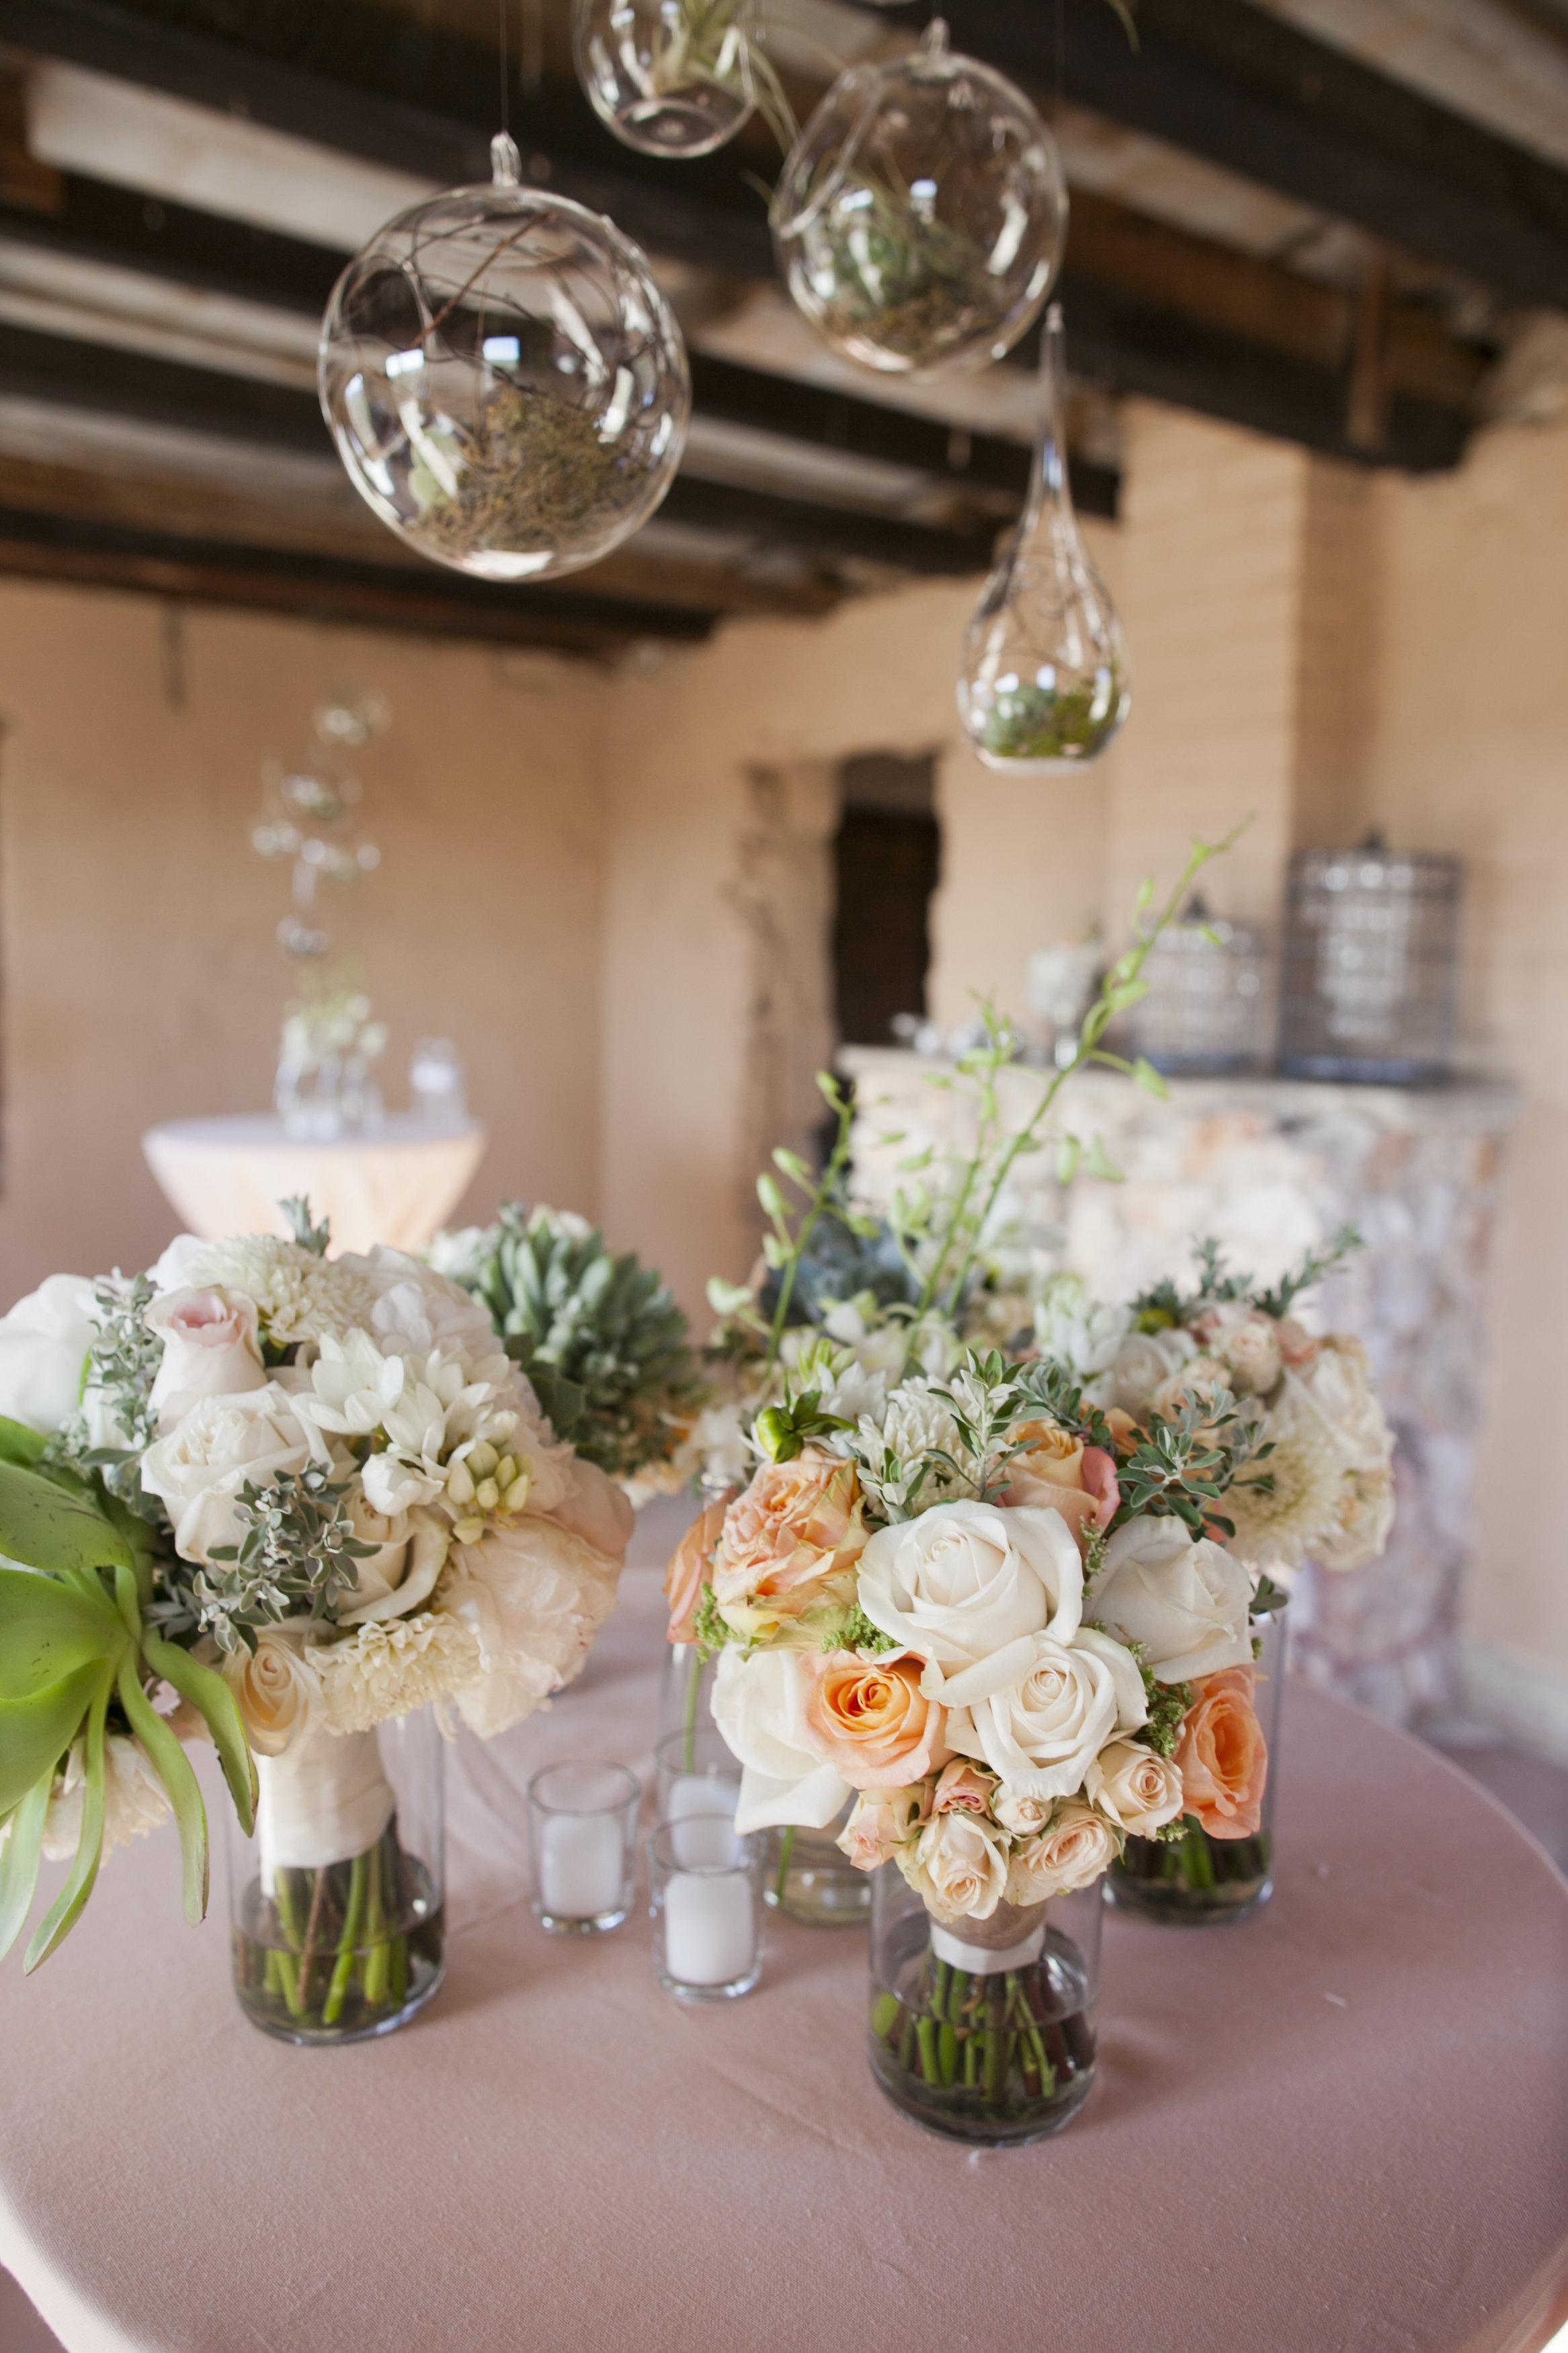 Ceci_New_York_Ceci_Style_Ceci_Johnson_Luxury_Lifestyle_Arizona_Wedding_Watercolor_Inspiration_Design_Custom_Couture_Personalized_Invitations_106.jpg